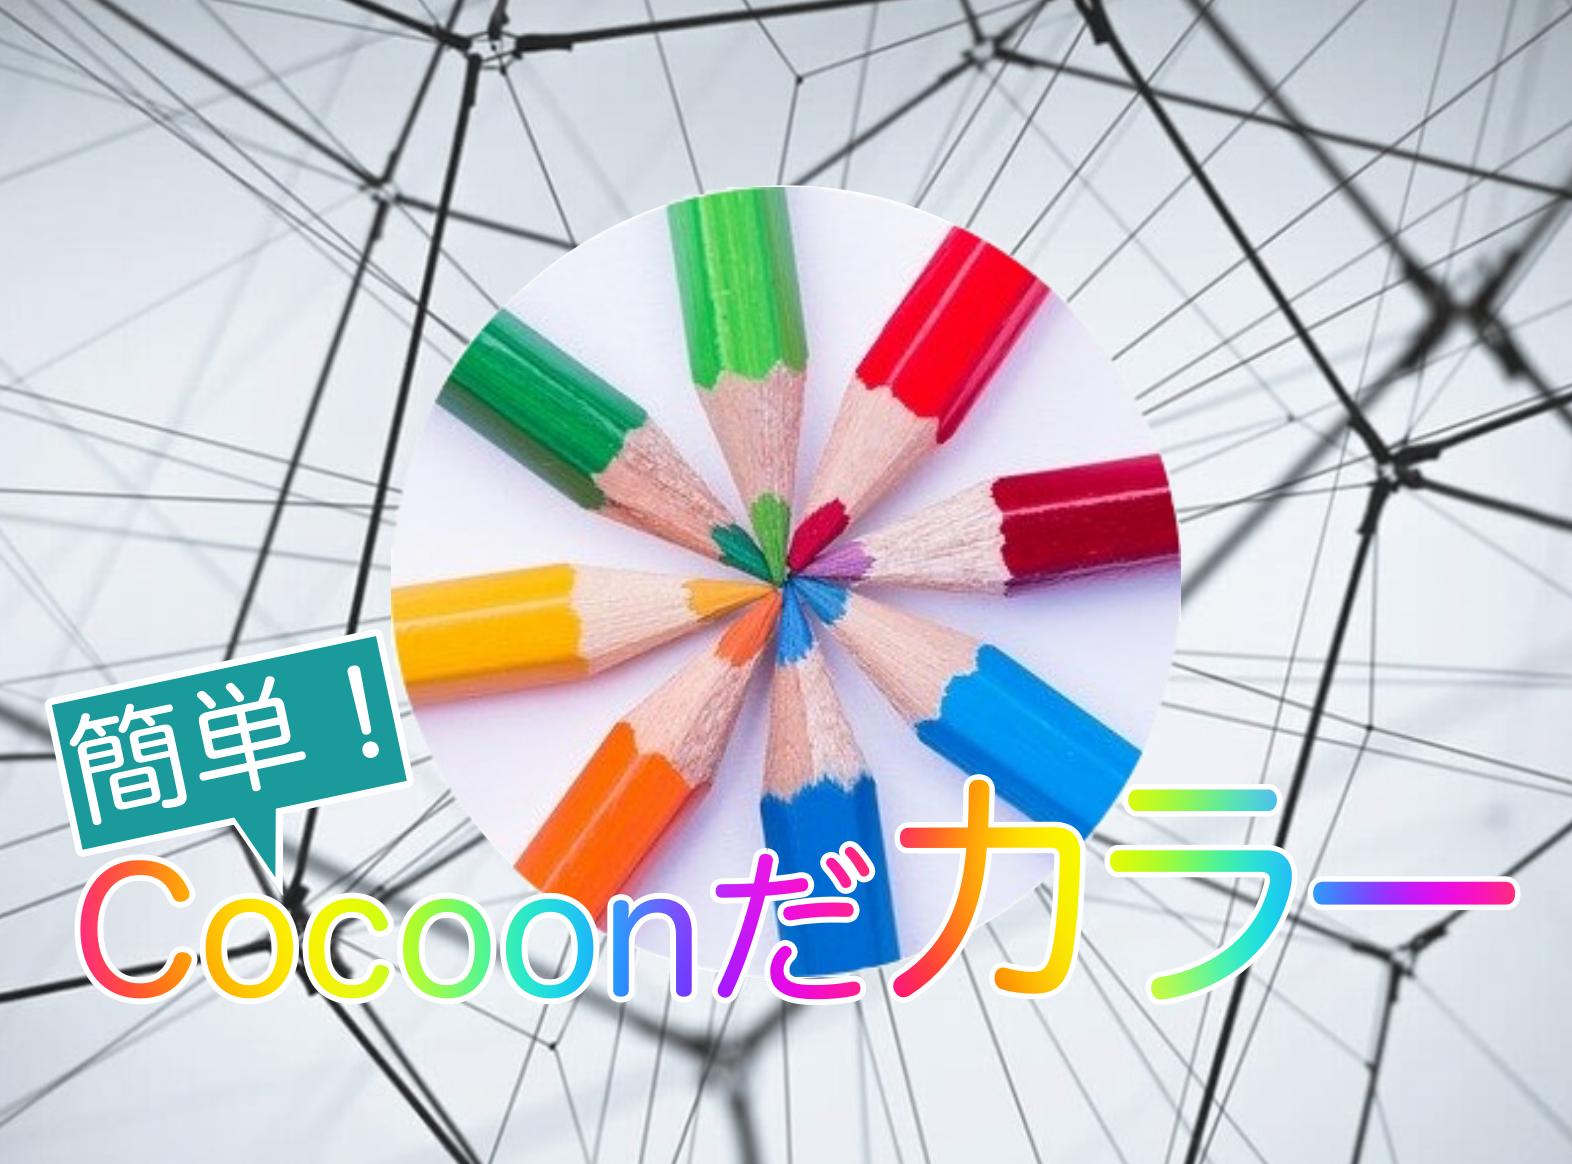 【Cocoon】カラーパレットに好きな色を追加する